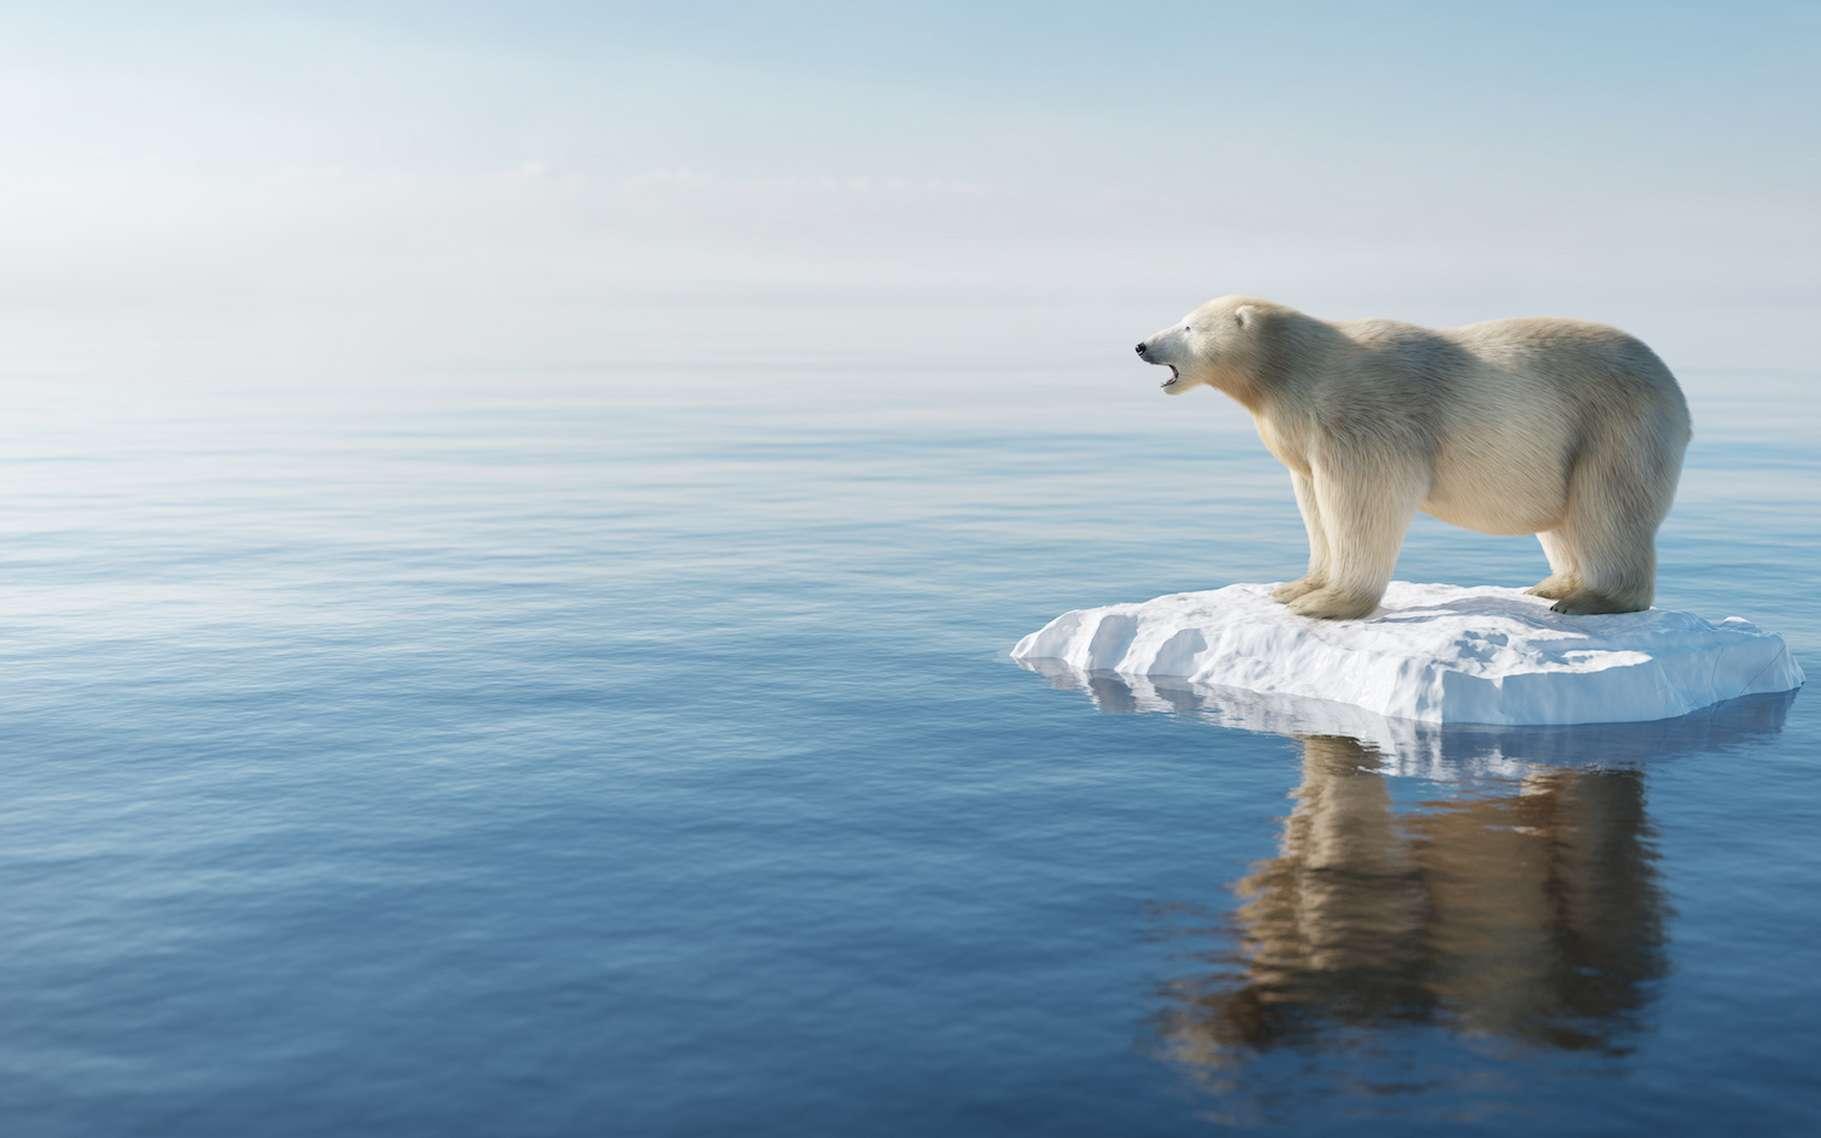 Chaque année, la glace de la banquise arctique semble fondre un peu plus sous l'effet du réchauffement climatique. © Photocreo Bednarek, Adobe Stock